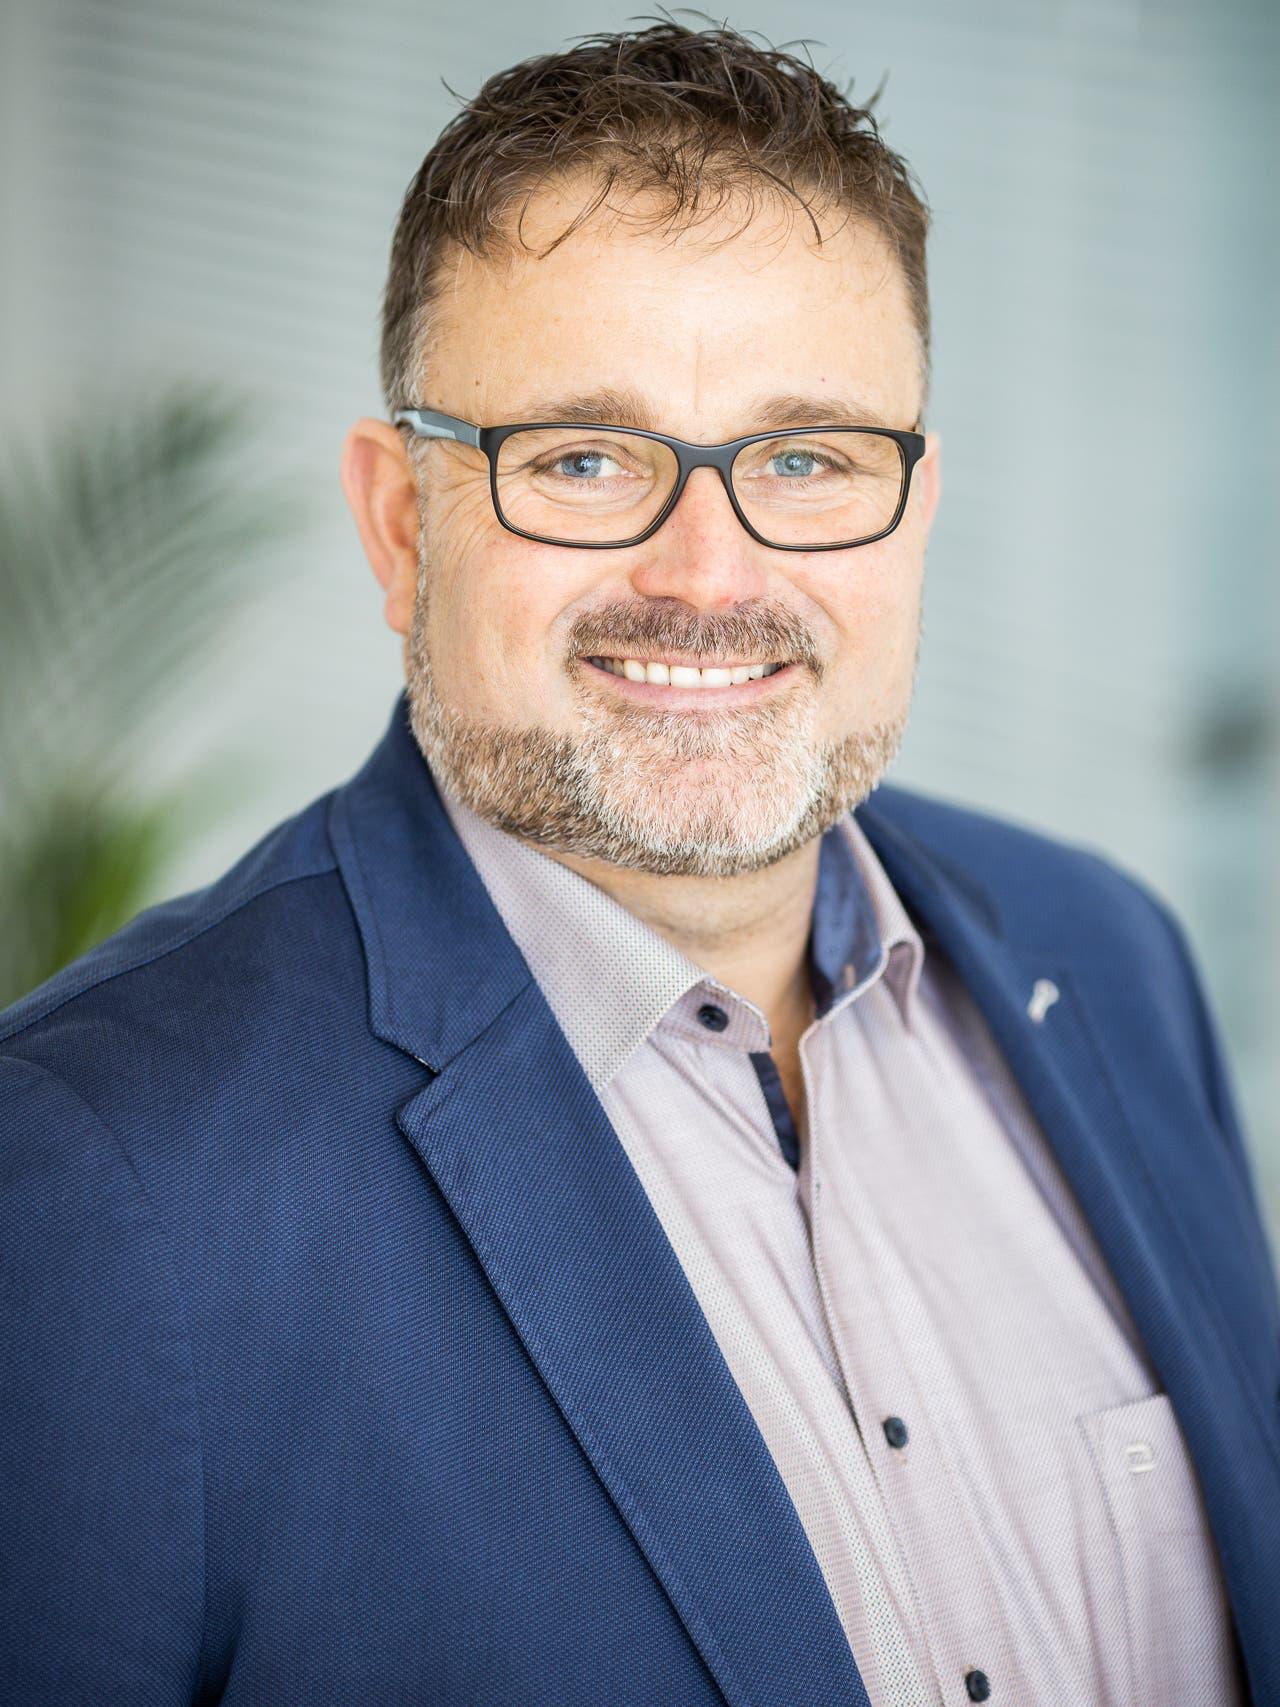 Gewählt: Hubert Bösch, FDP (bisher)